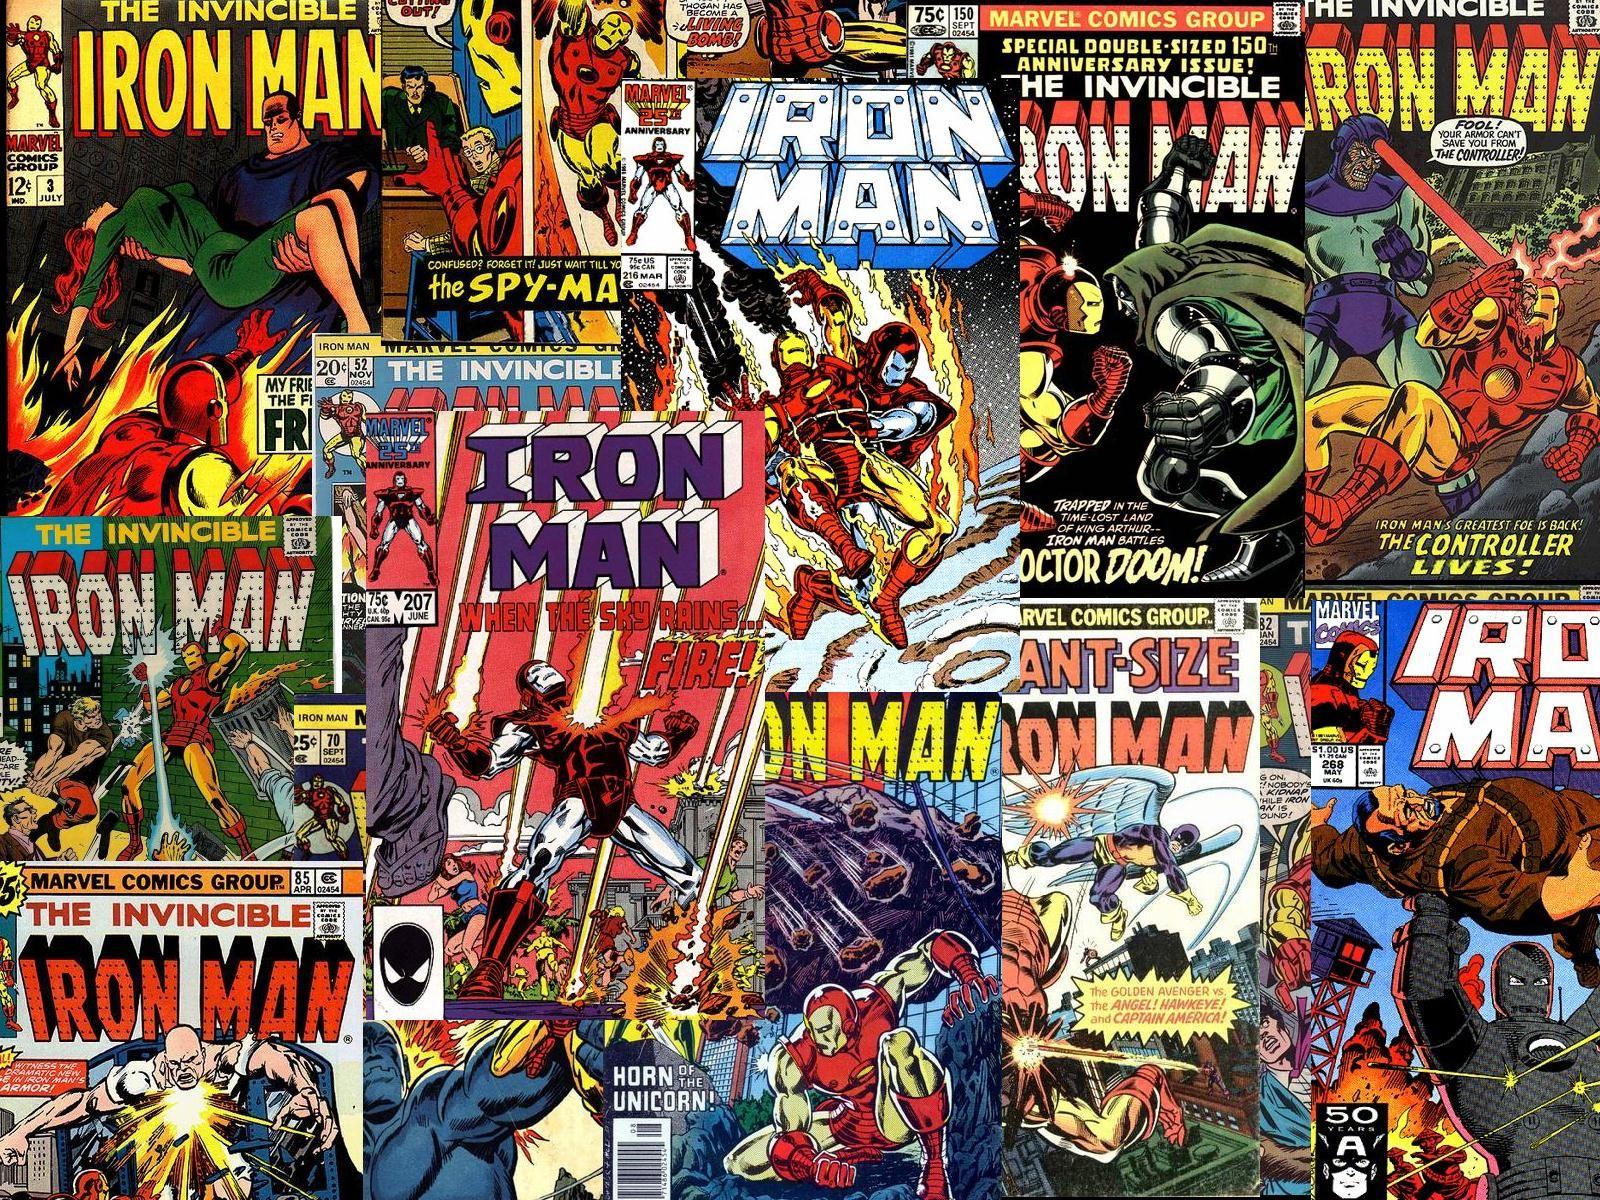 http://4.bp.blogspot.com/-AwTsFKz_62g/T8aFqQ2-SHI/AAAAAAAAGRY/xba9PeZm5wE/s1600/wallpaper_vintage_comics_ironman.jpg